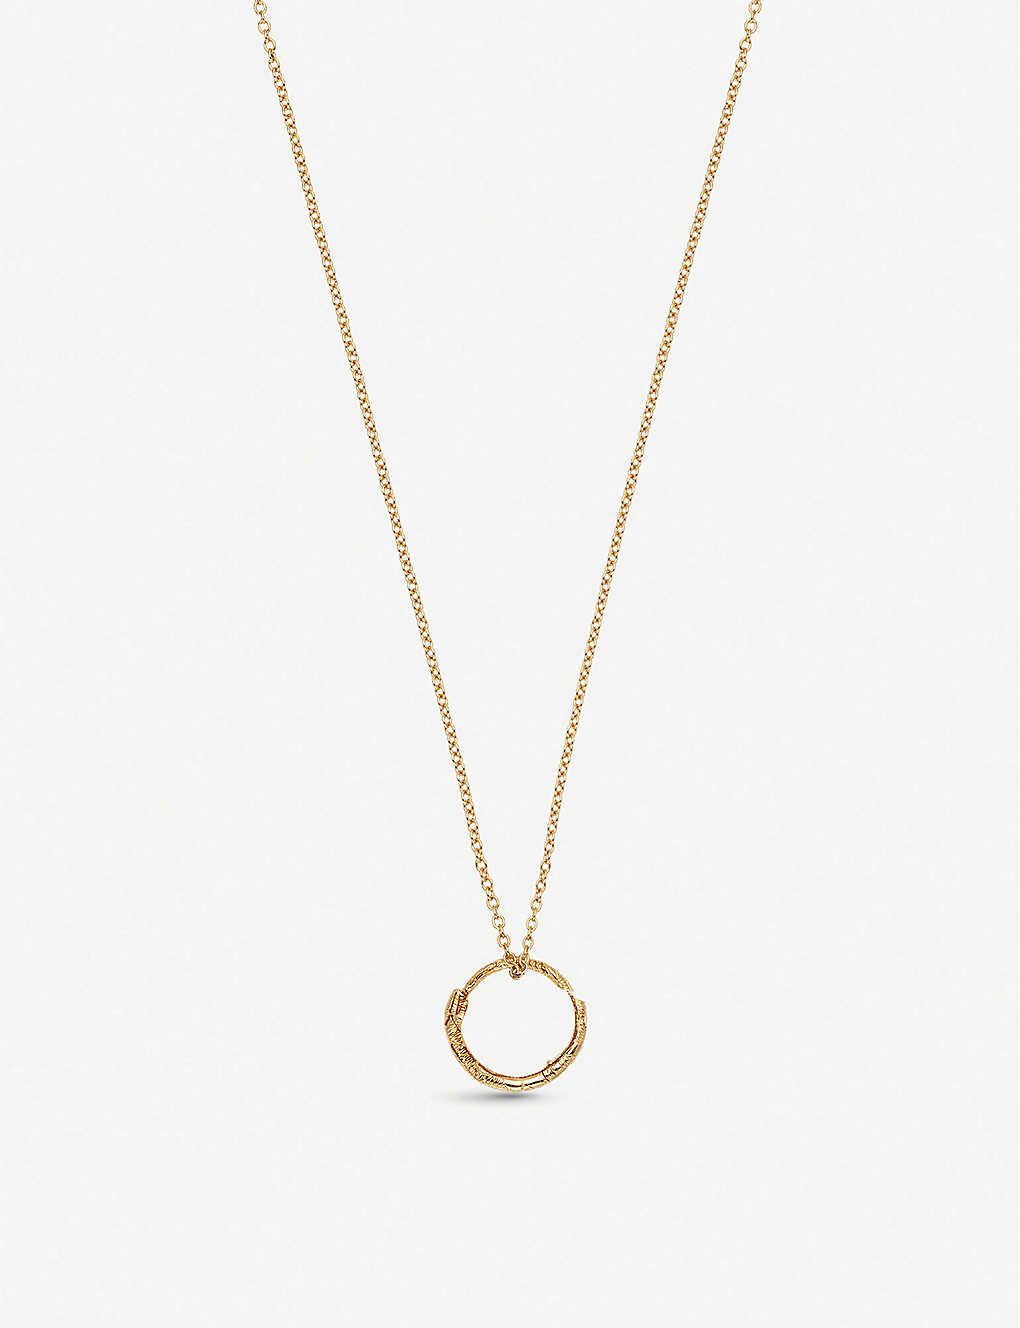 310339a1d88 GUCCI - Le Marché des Merveilles 18ct yellow-gold necklace ...